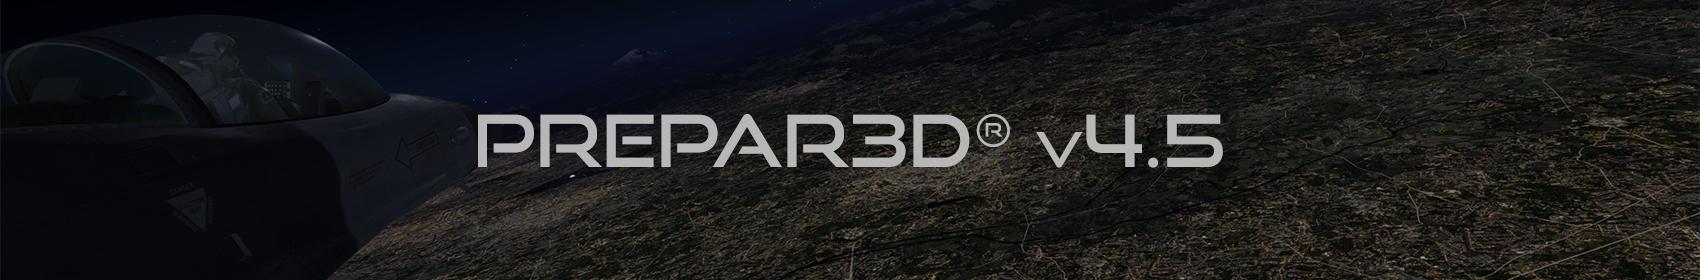 Lockheed Martin - Prepar3D